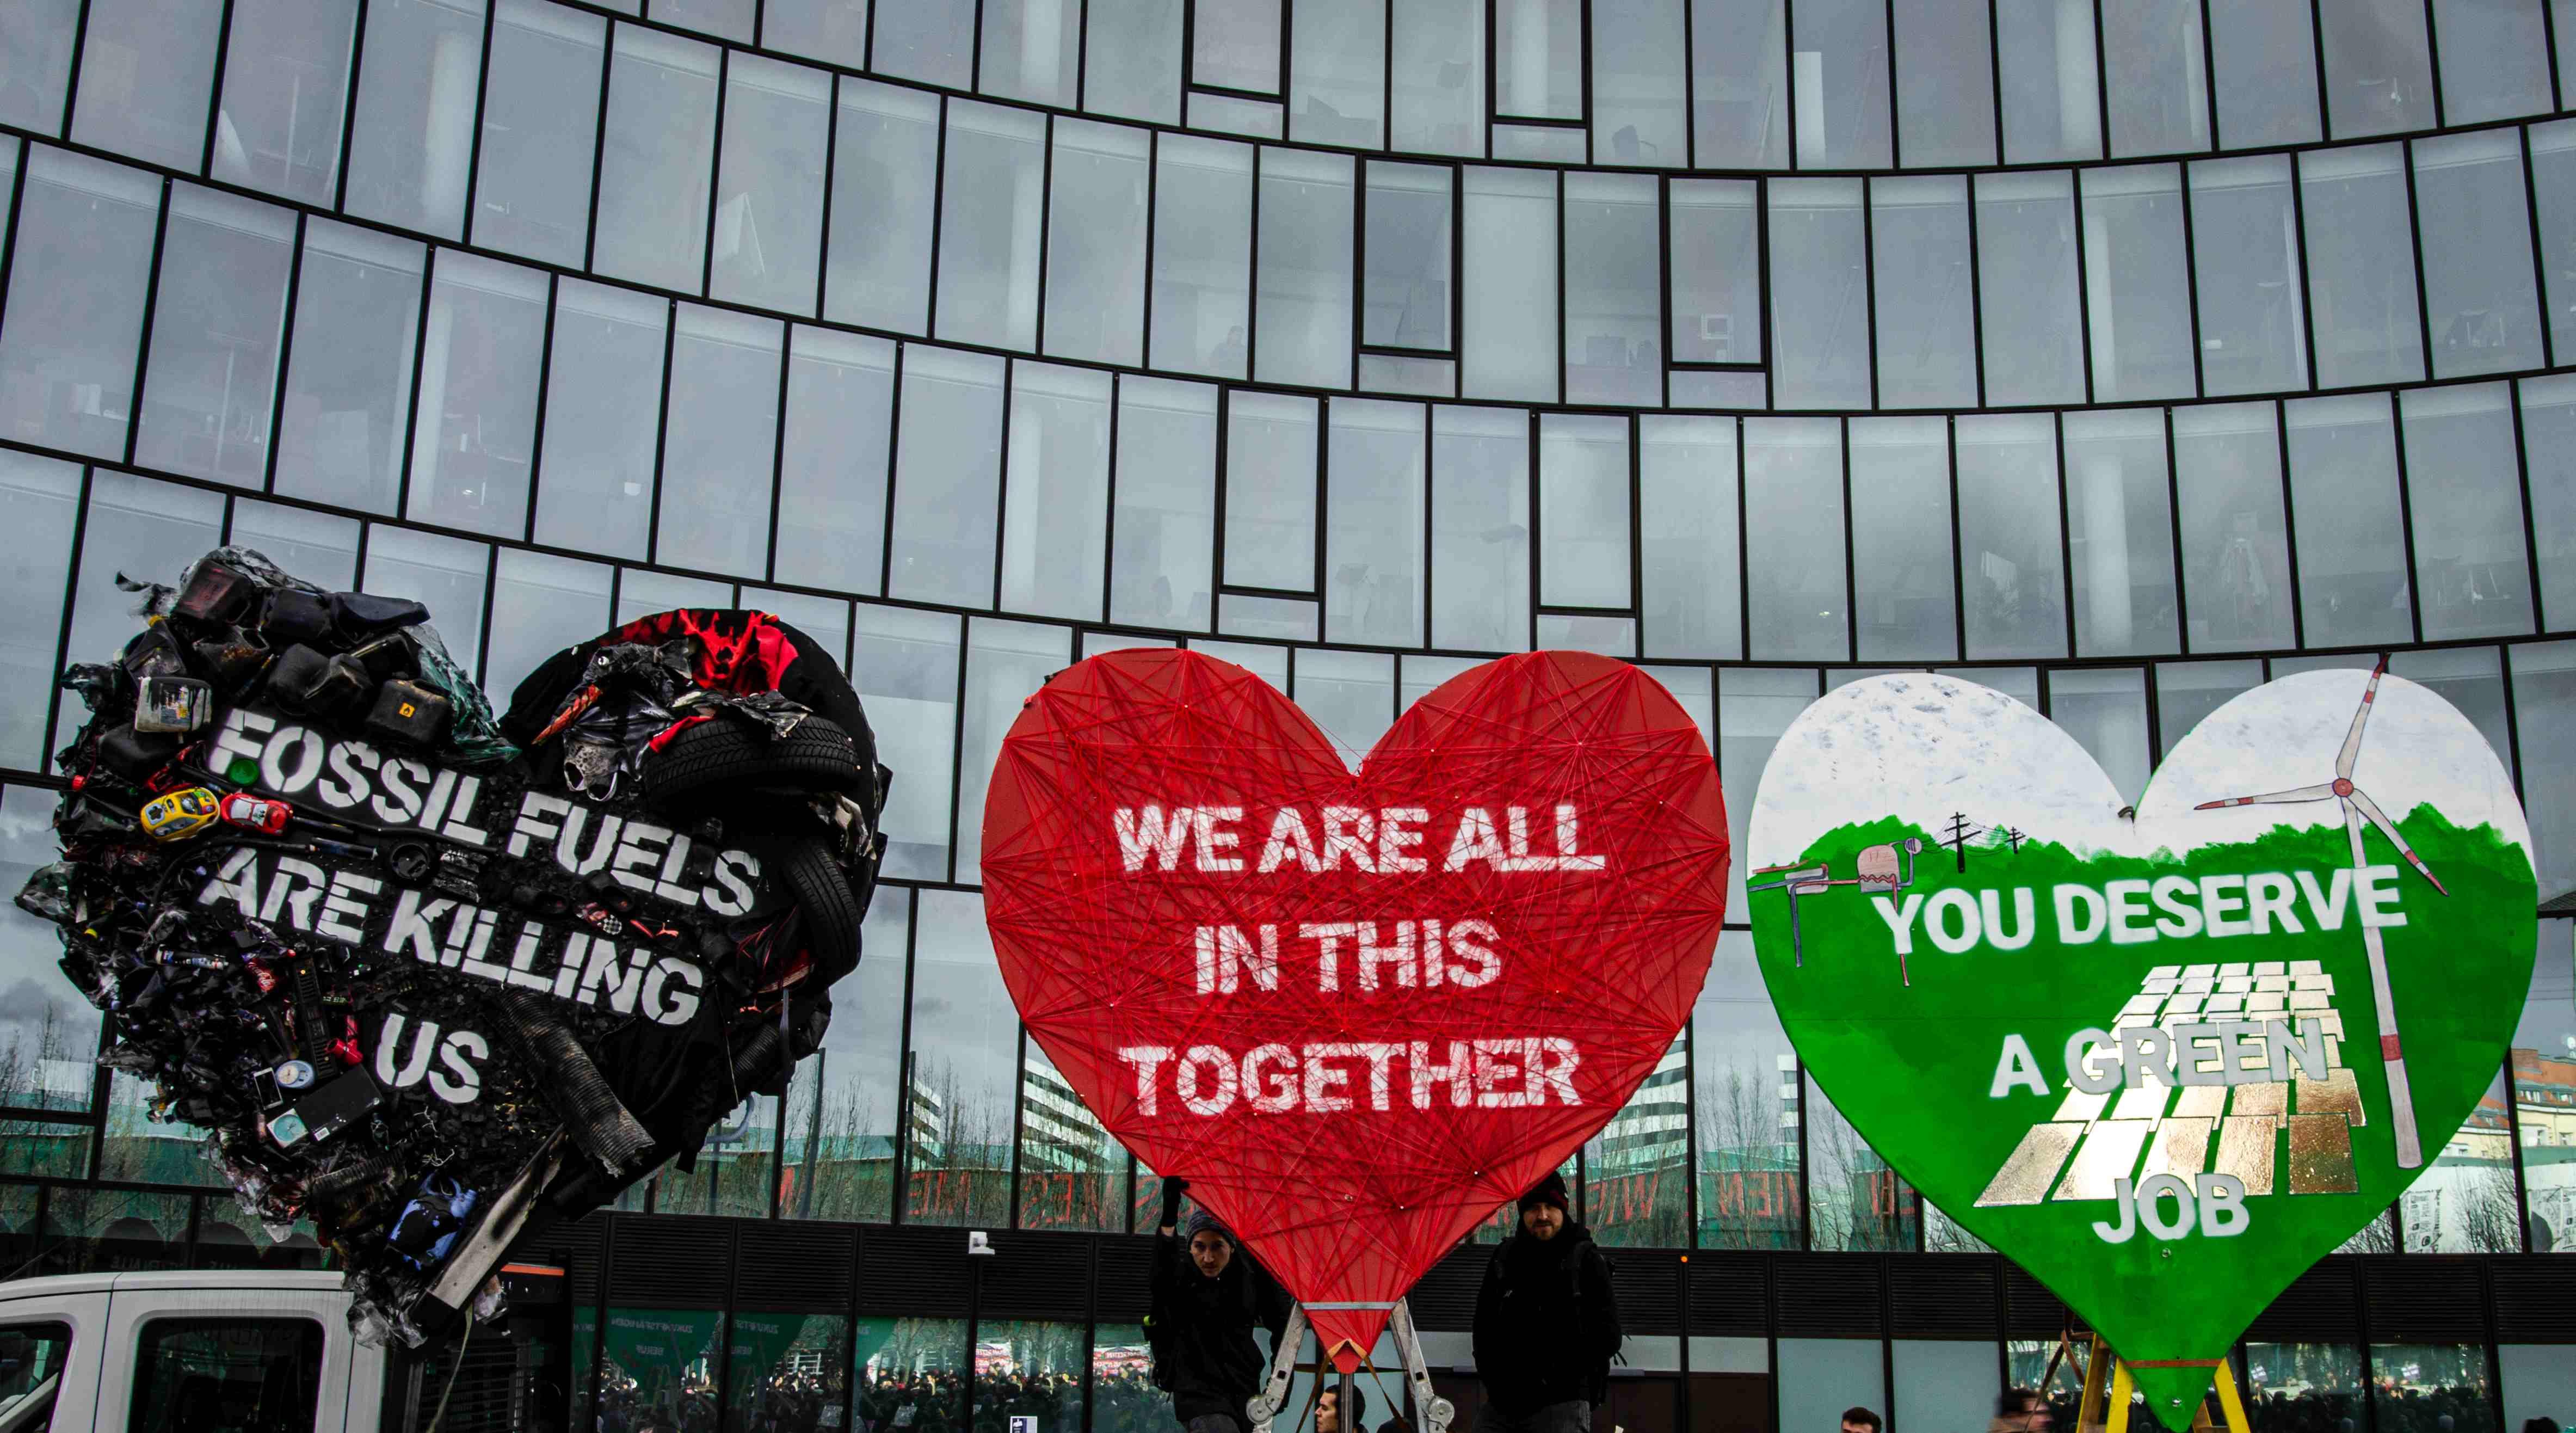 Drei gigantische, kreativ gestaltete Herzen mit Botschaften an die OMV stehen vor der OMV-Zentrale in Wien